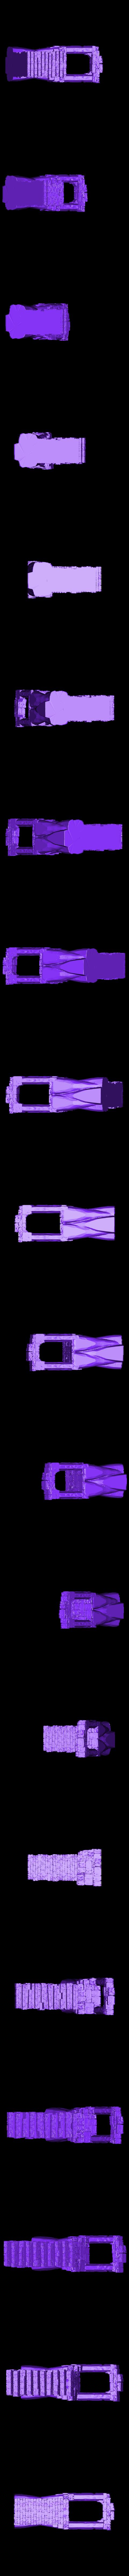 Fd4743d4 b831 40c2 86b4 fdf3d28252af